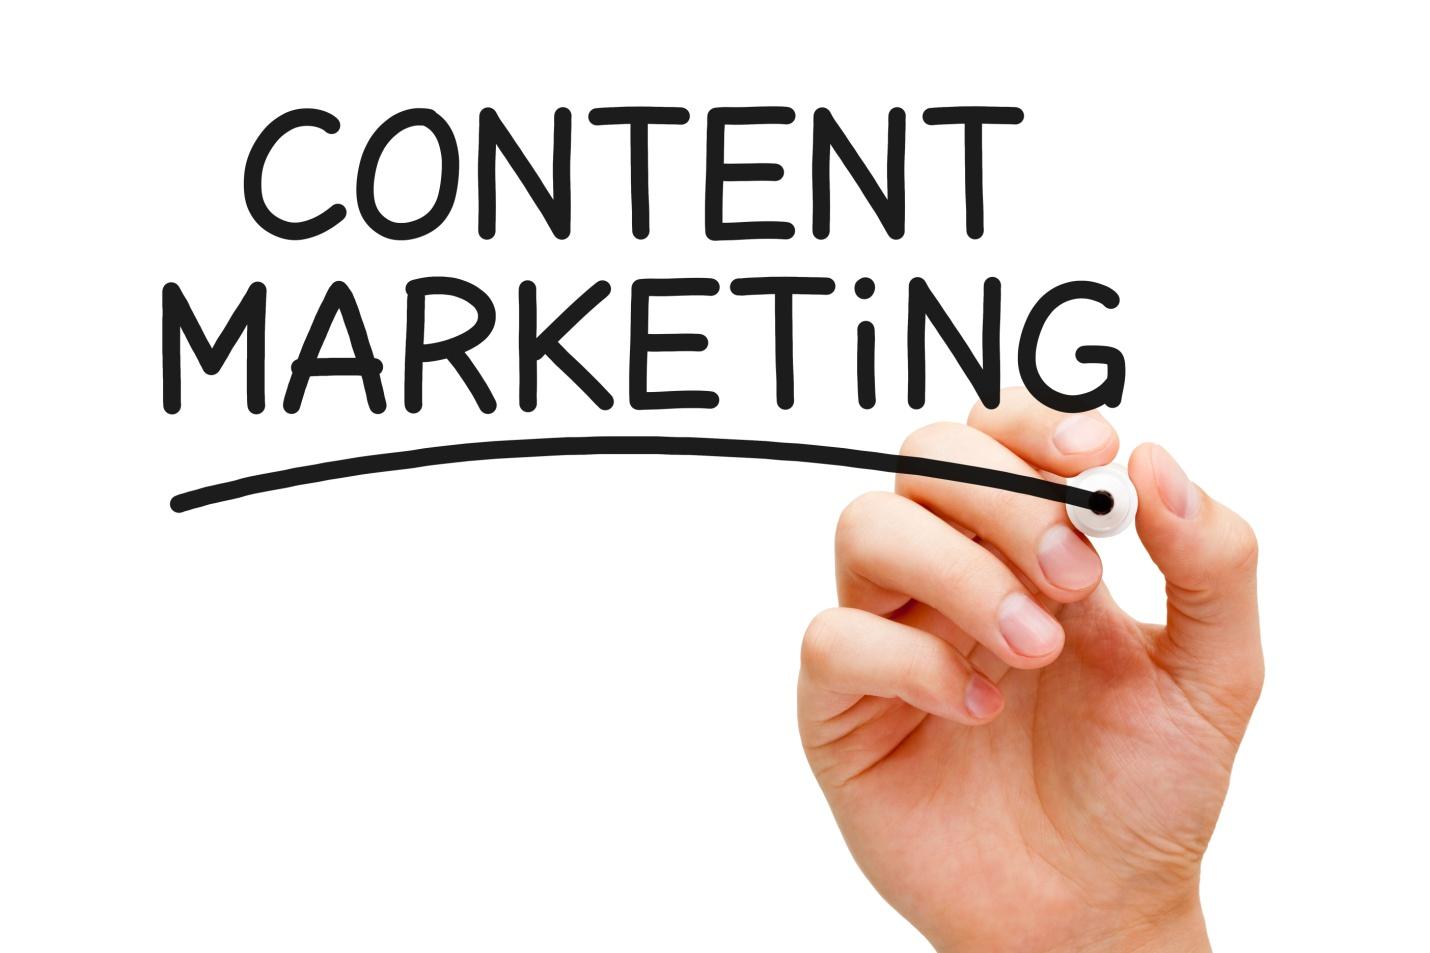 Best Content Marketing Ways